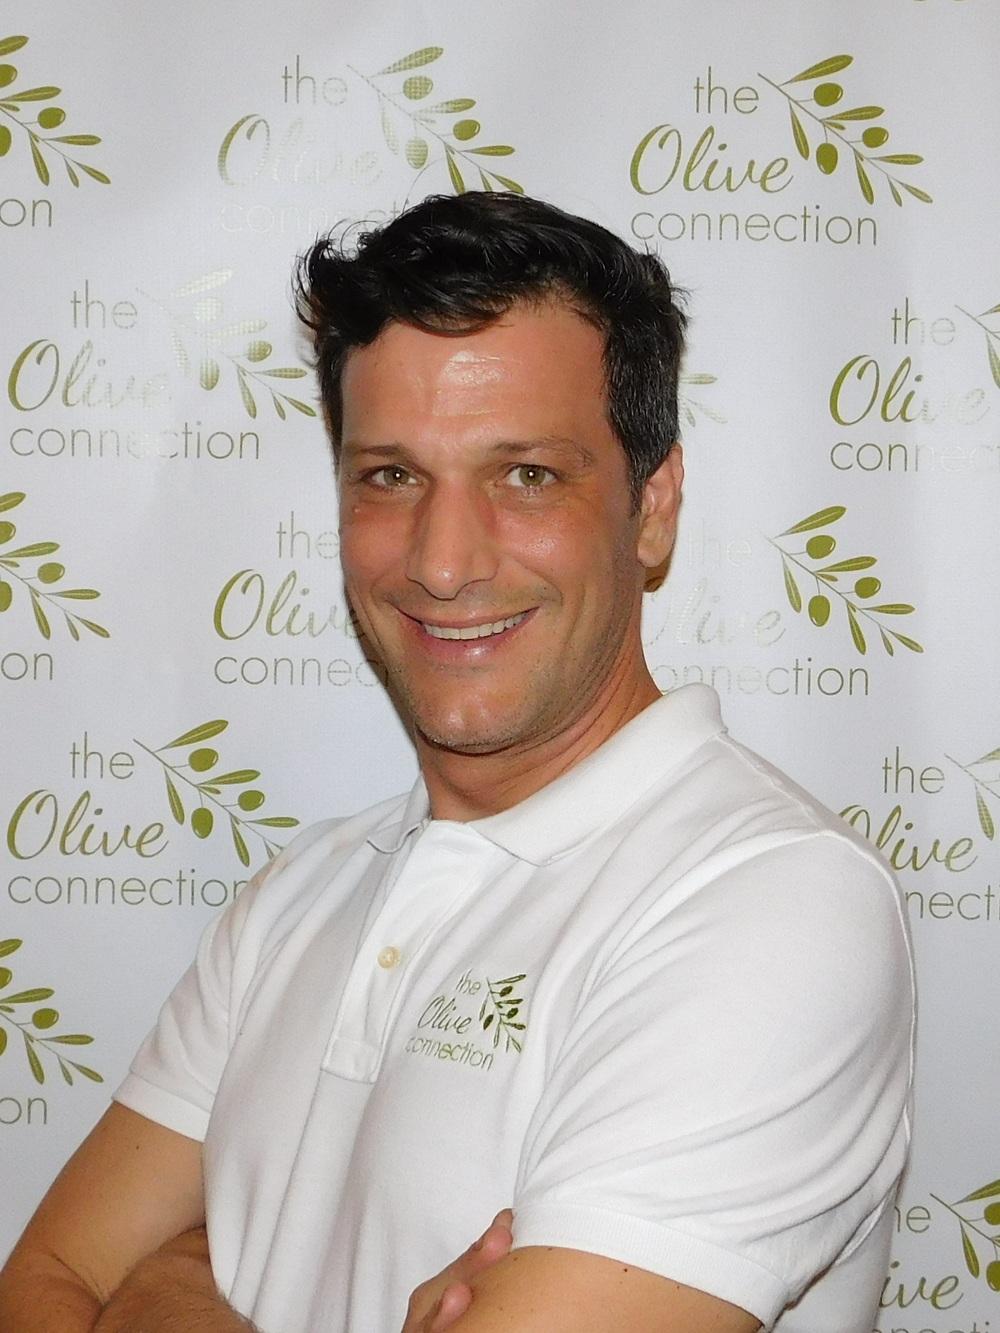 Andreas kouskoulas, owner & founder